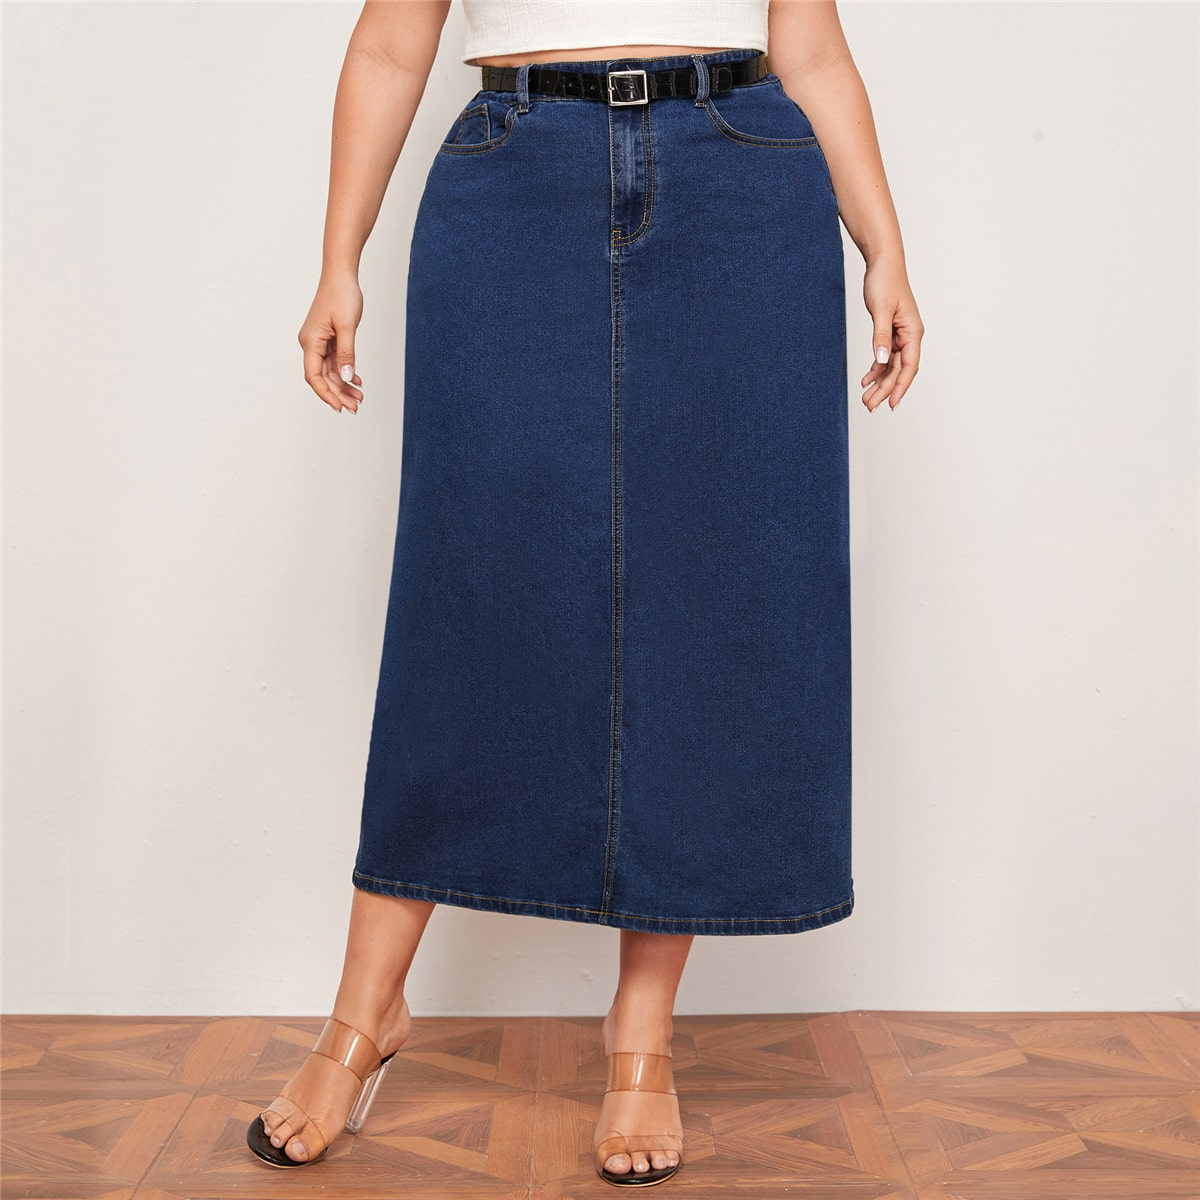 Прямая джинсовая юбка размера плюс без пояса фото